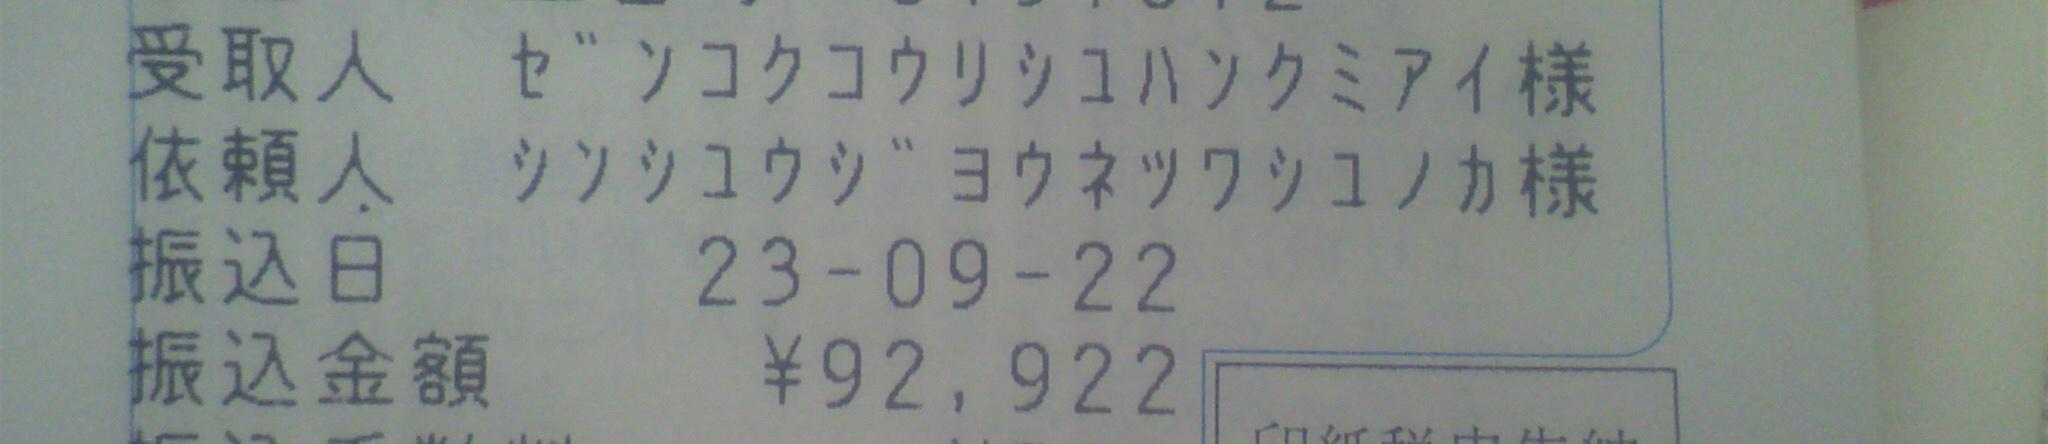 b0140887_178746.jpg